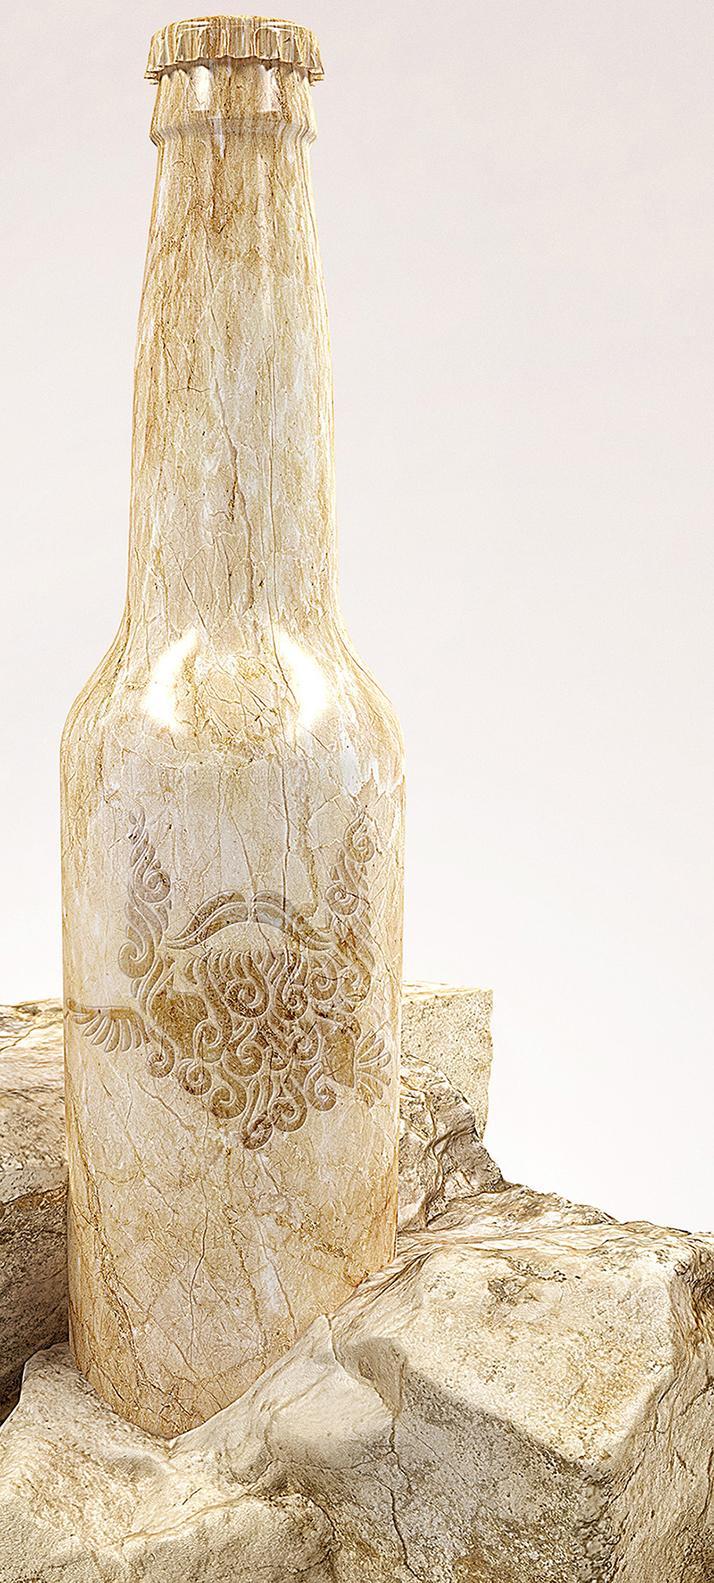 3D SANFRUTOS craft beer